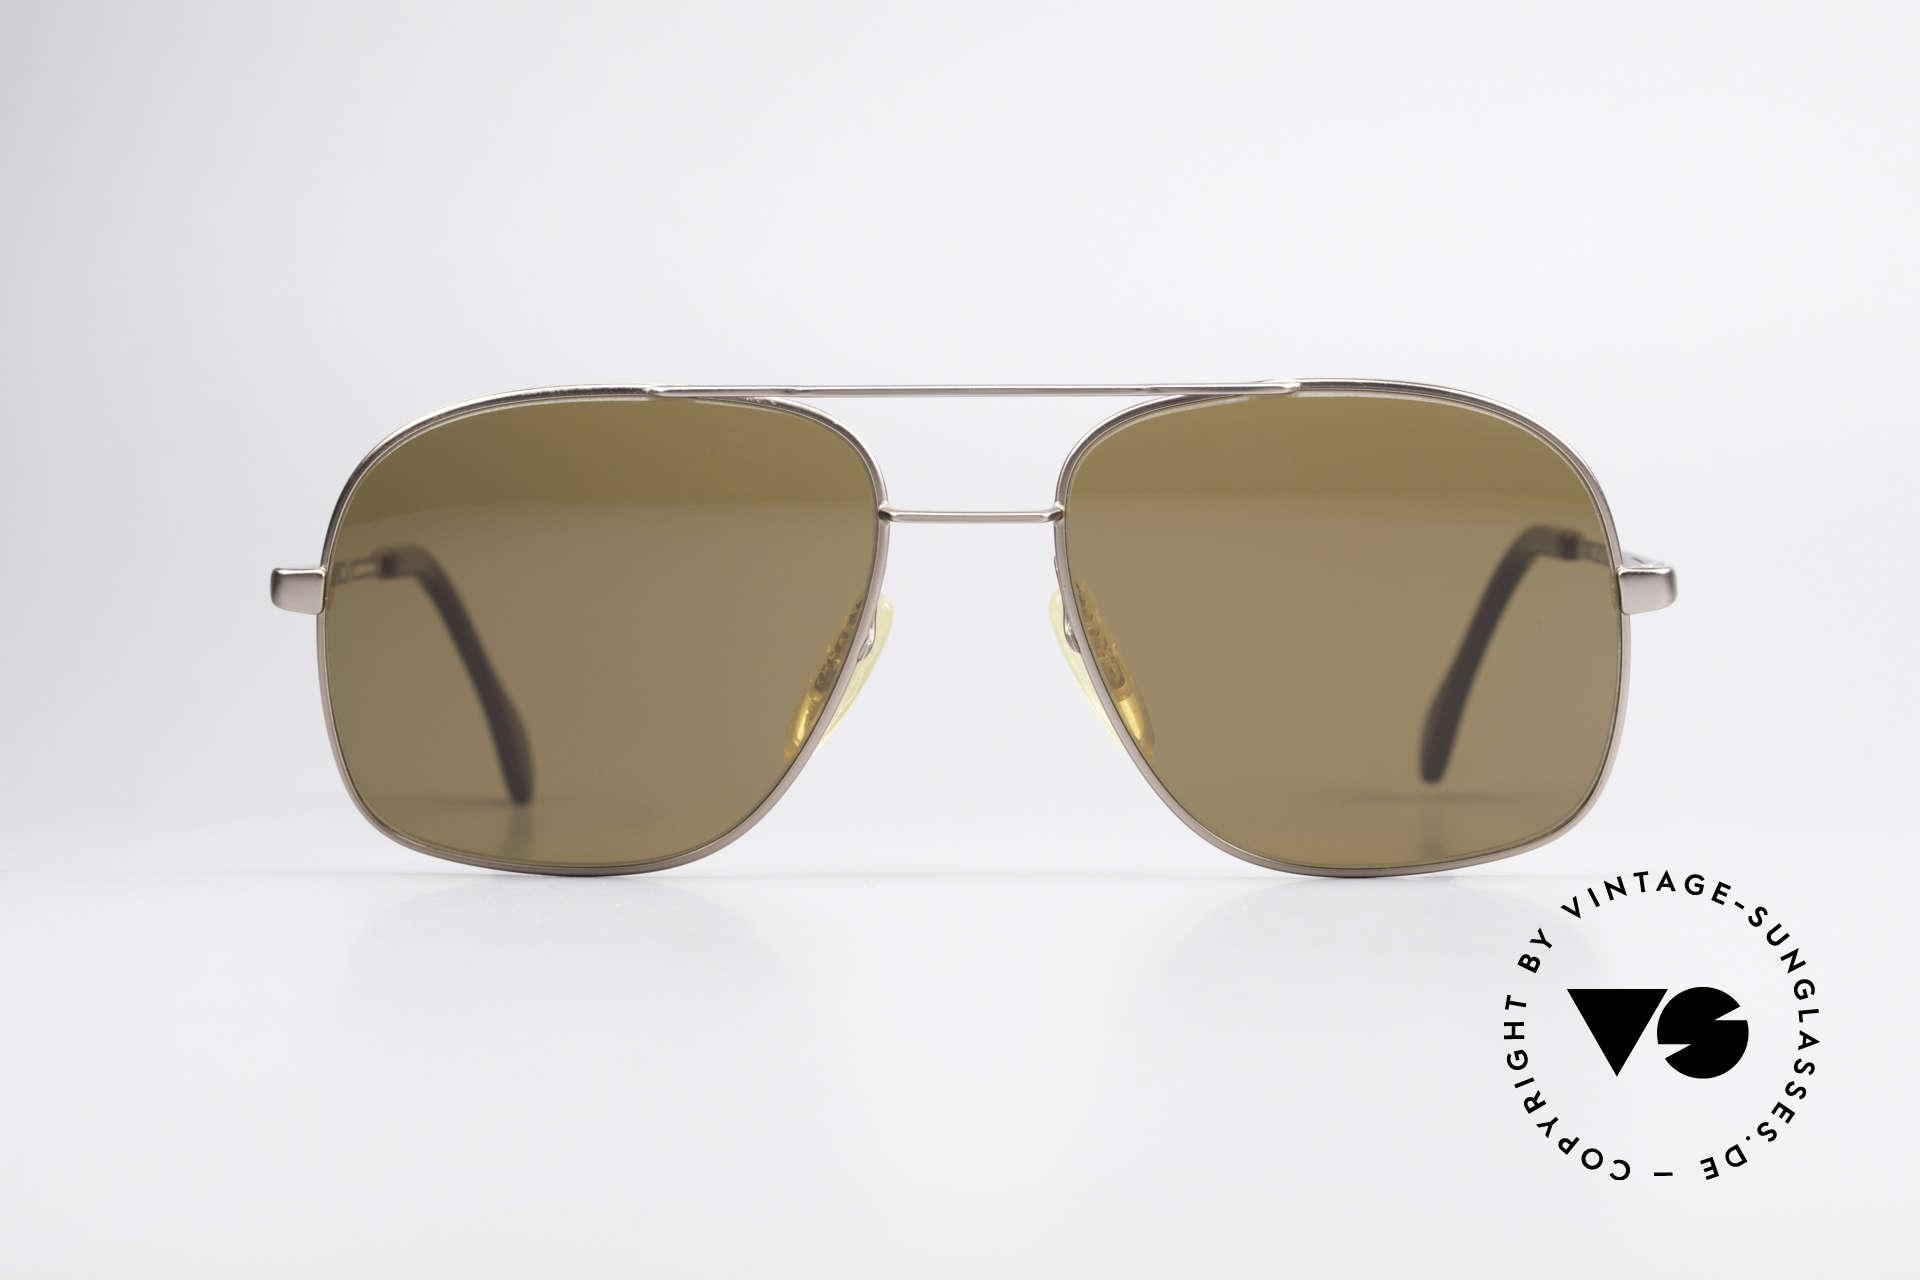 exzellente Qualität große Auswahl an Designs neue Stile Sonnenbrillen Zeiss 5375 West Germany Sonnenbrille | Vintage ...